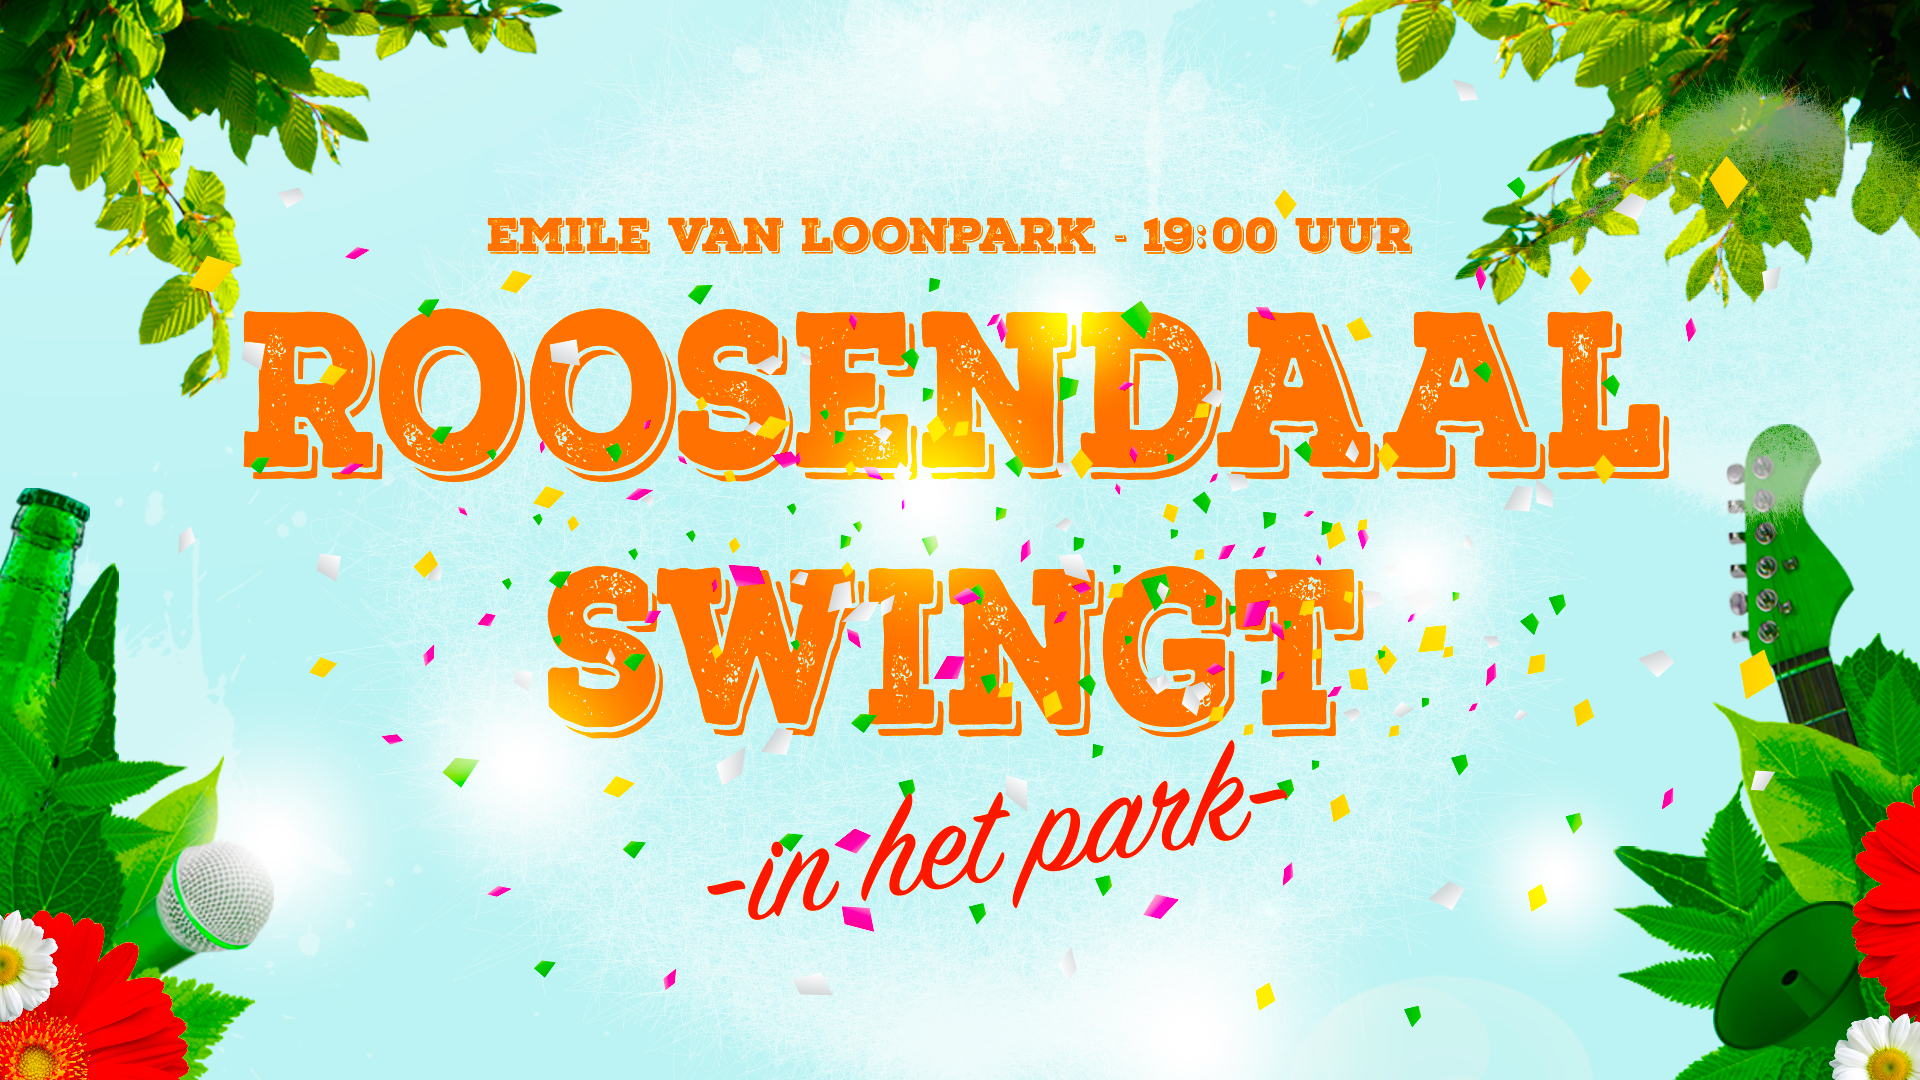 Roosendaal swingt